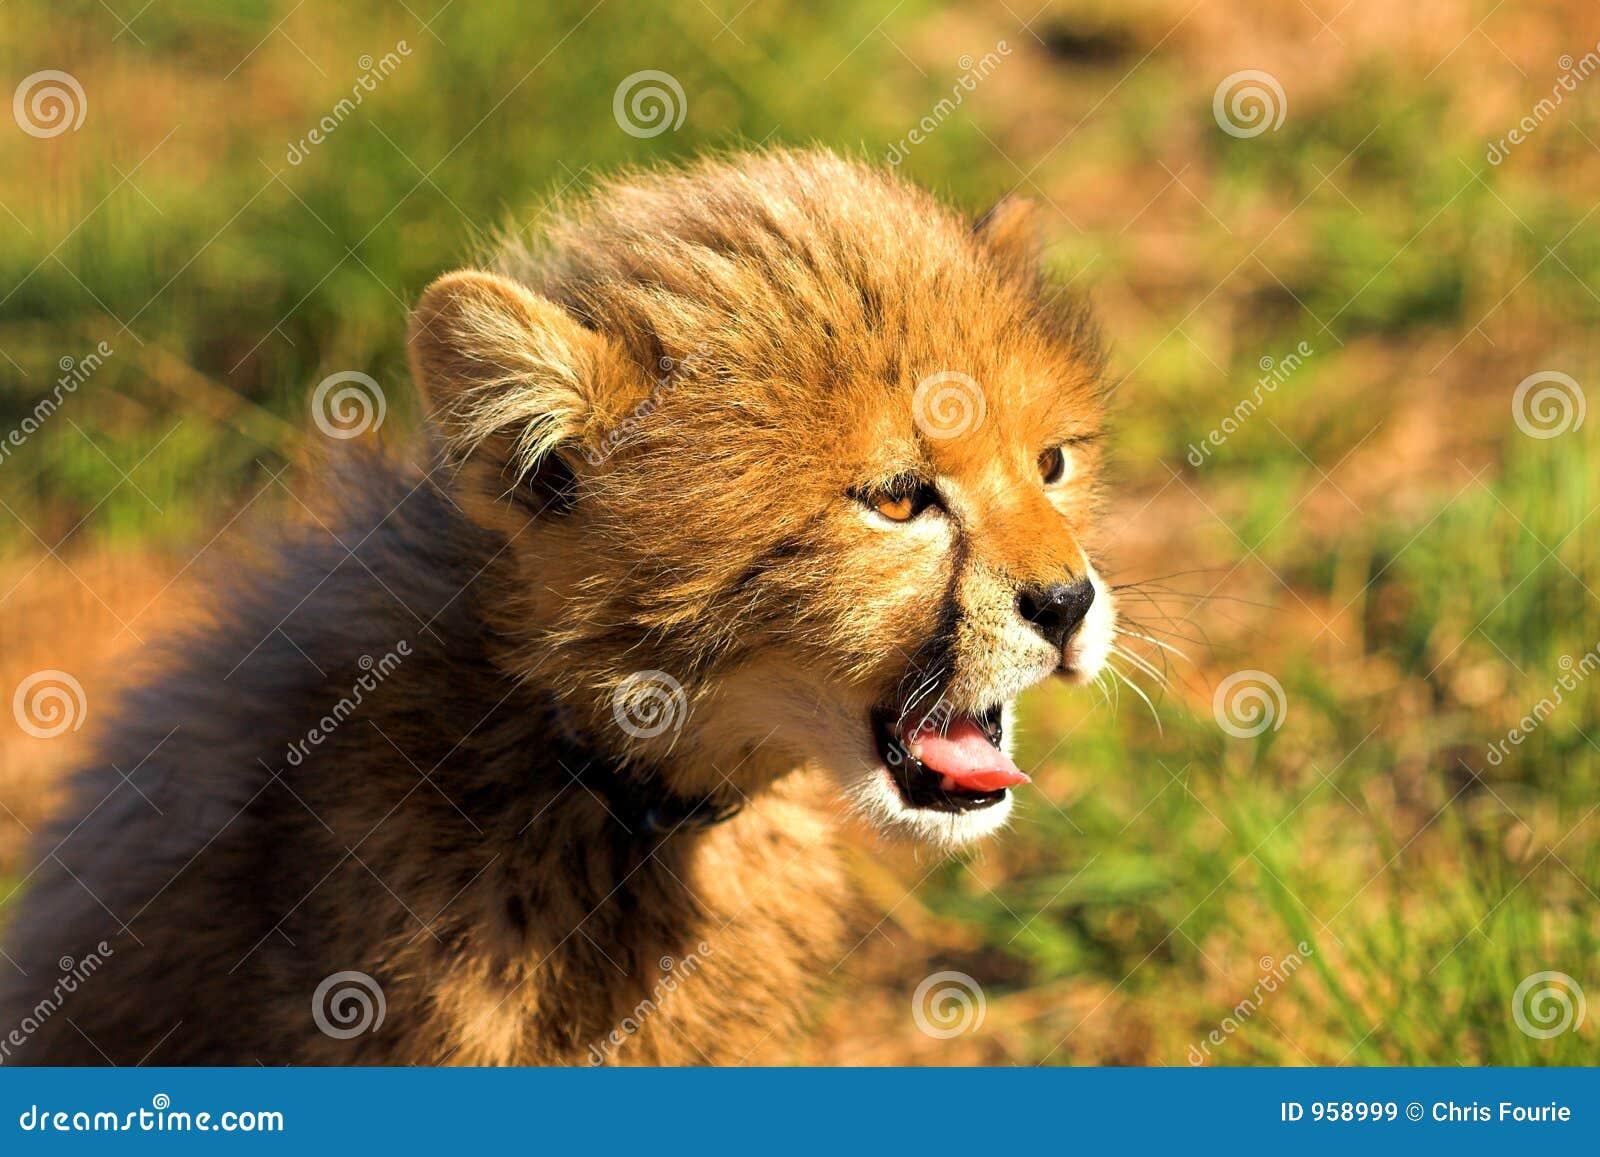 Yawning Cub